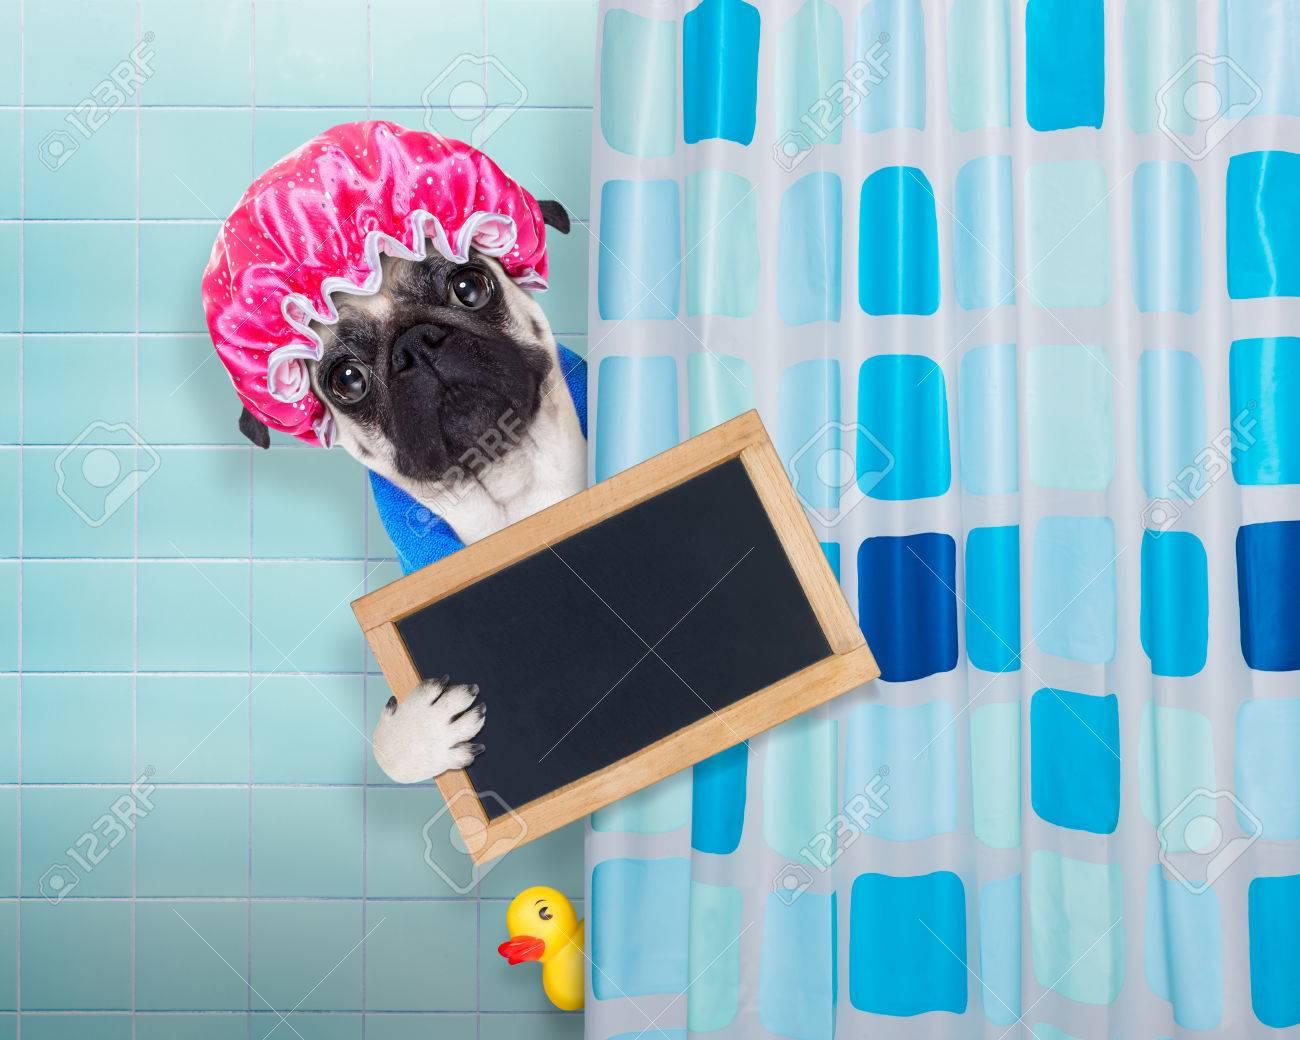 Vasca Da Bagno Plastica : Immagini stock pug cane in una vasca da bagno non così divertito